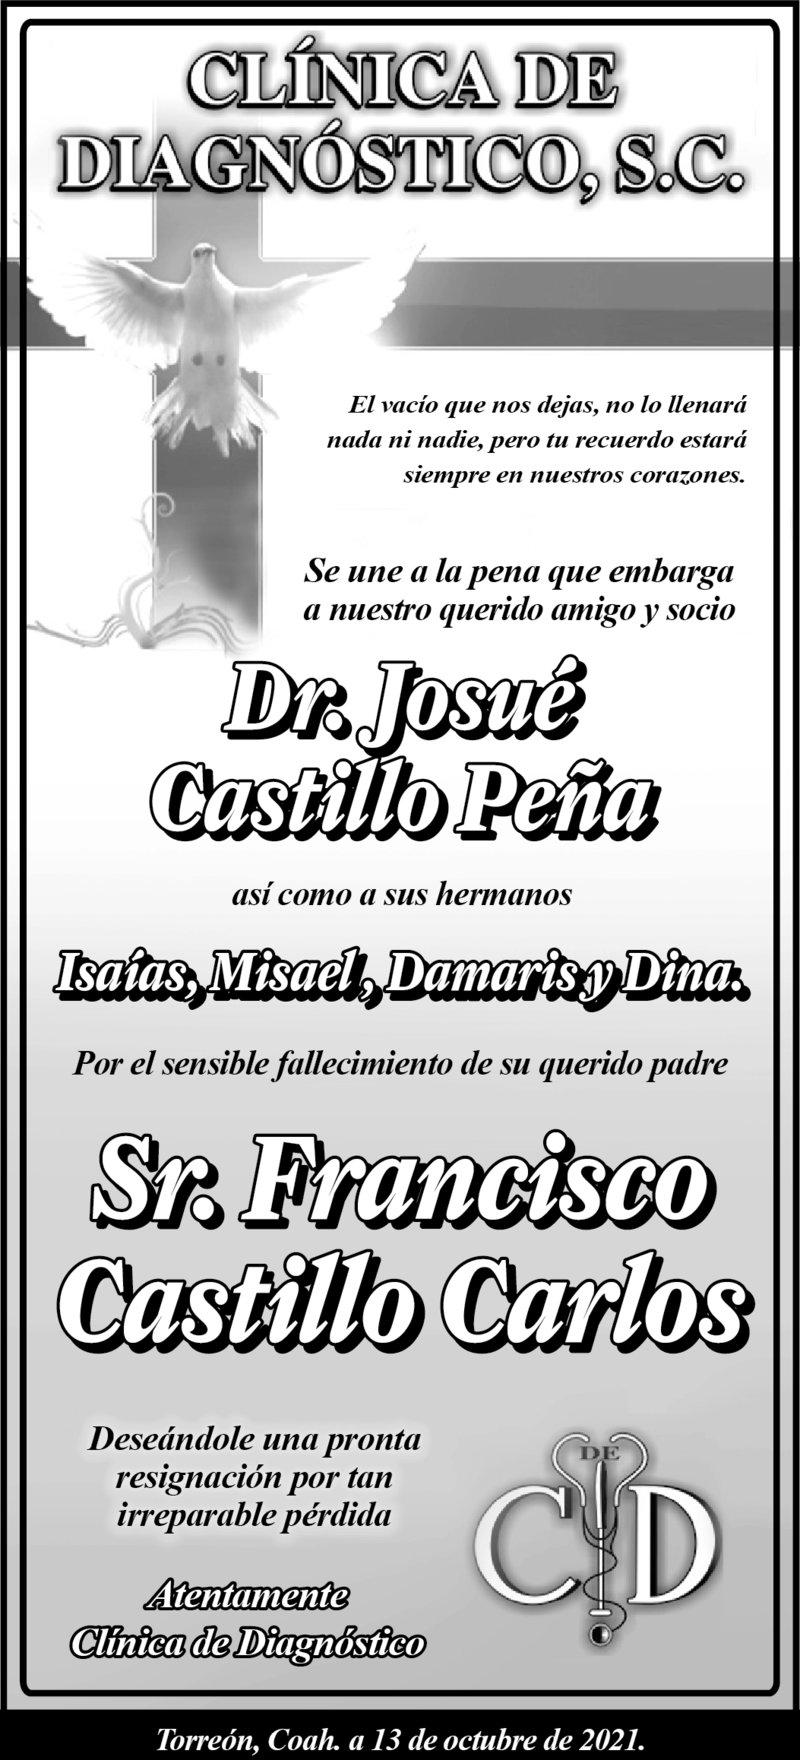 CONDOLENCIA: SR. FRANCISCO CASTILLO CARLOS. Clínica de diagnóstico, S.C., se une a la pena del Dr. Josué por el fallecimiento de su querido padre, el Sr. Francisco. Descanse en paz.